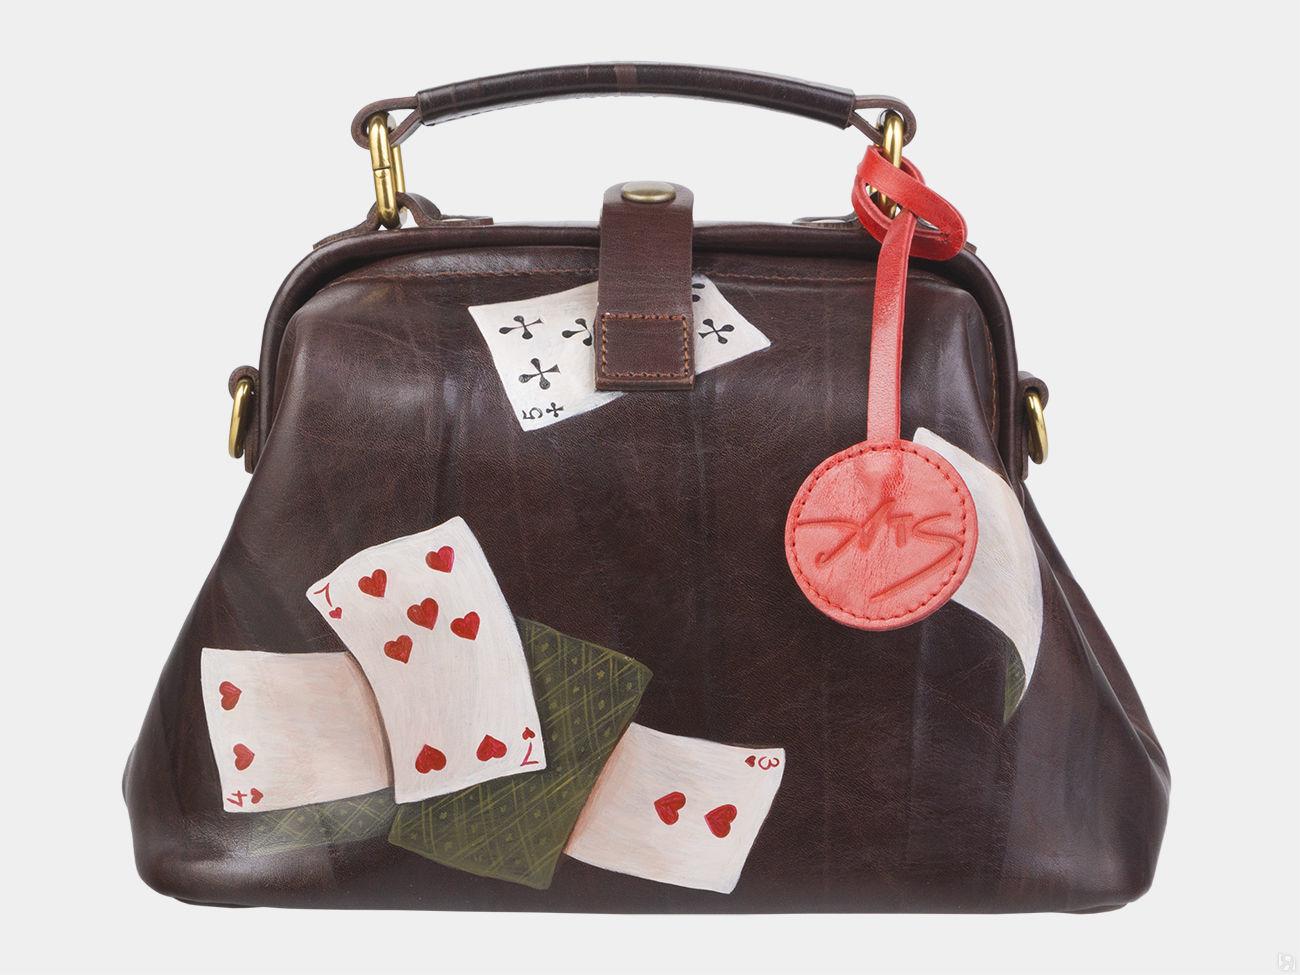 7b944851b997 Купить Женская кожаная сумка-саквояж Азарт, коричневая в Санкт ...